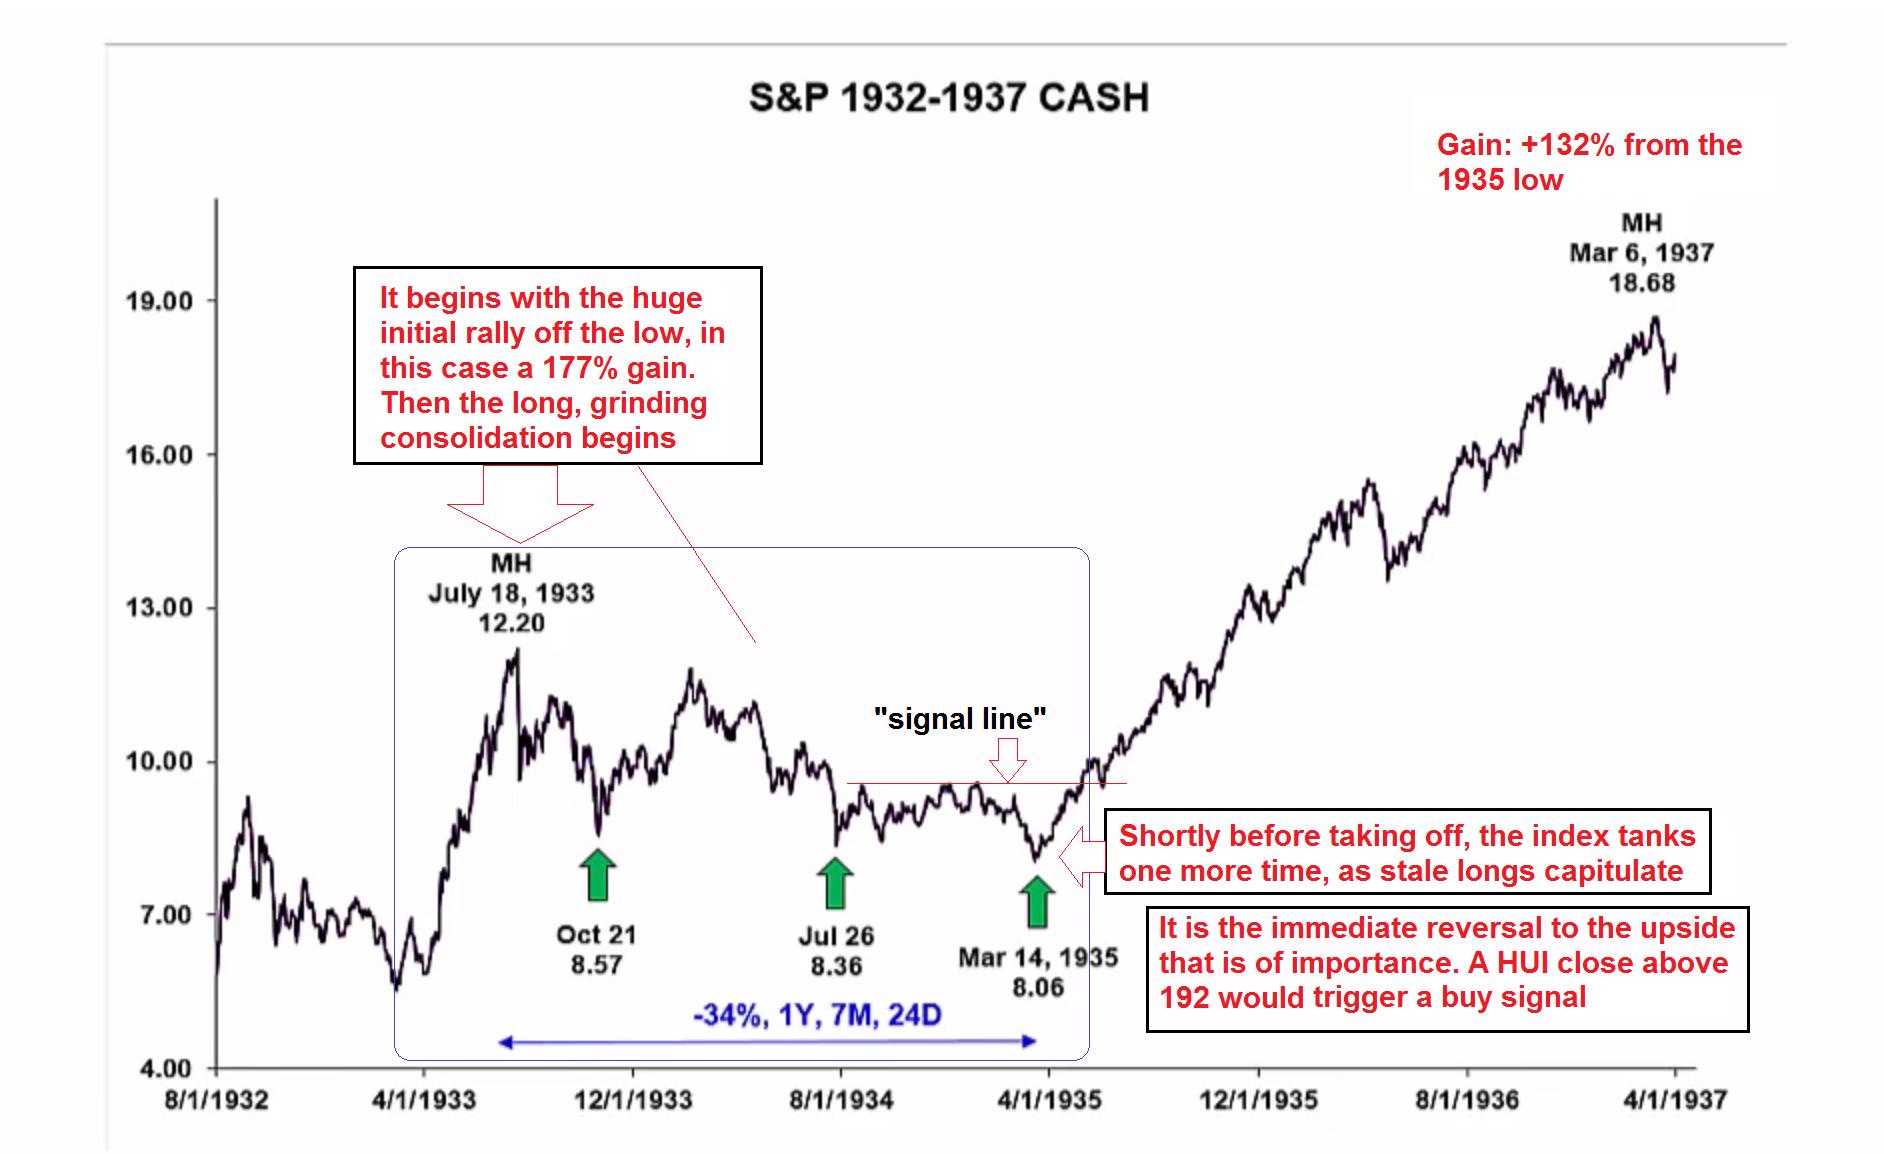 S&P 1932-1937 Cash